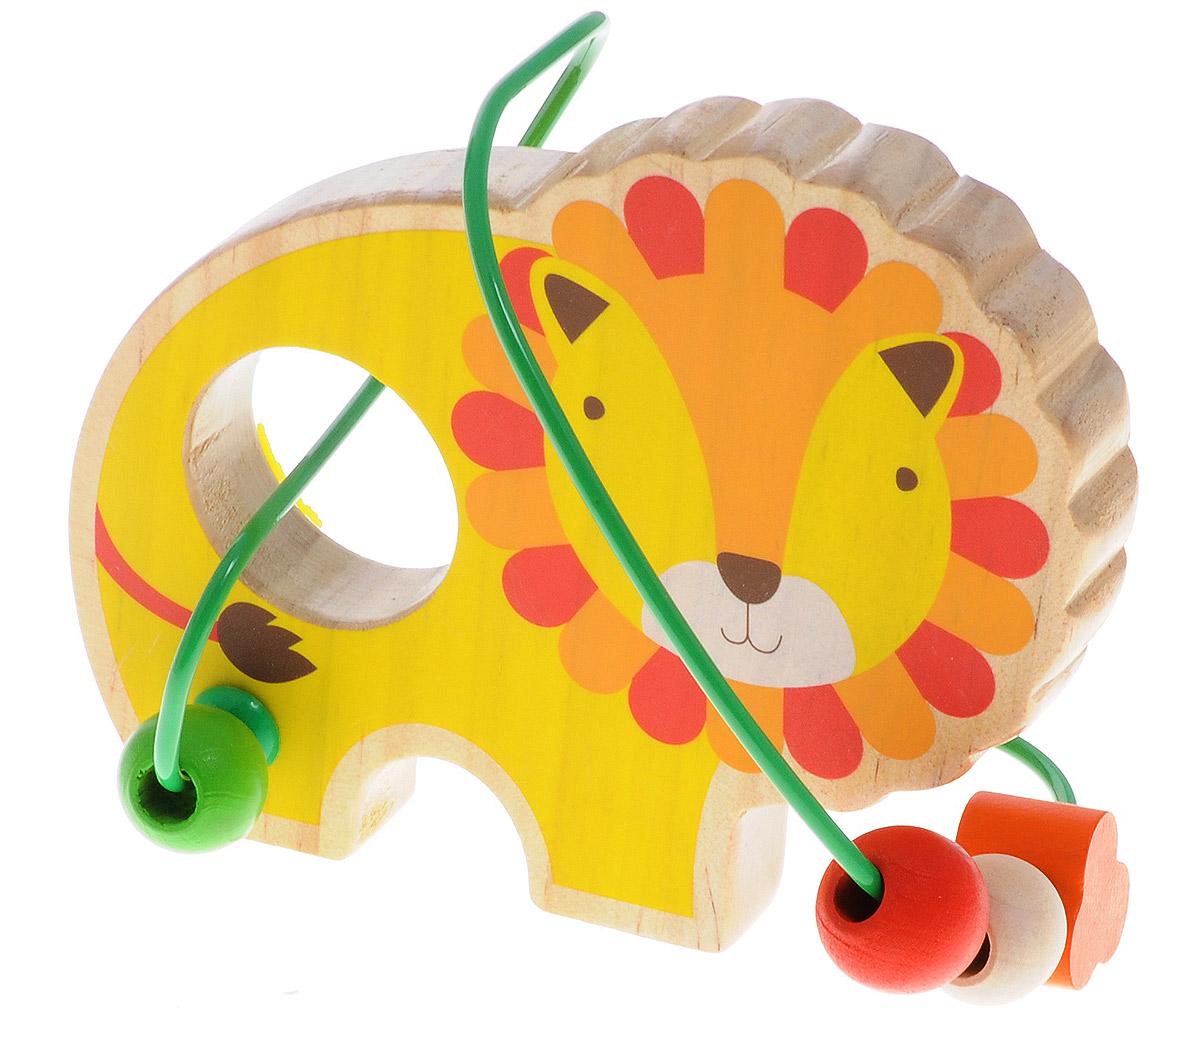 Lucy&Leo Лабиринт ЛевLL130Лабиринт Lucy&Leo Лев - это замечательная игрушка для малышей! Игрушка в виде льва выполнена из качественных материалов по европейским стандартам и покрыта специальной краской на водной основе, которая абсолютно безопасна для вашего малыша. Краска устойчива к воздействию влаги и нетоксична, рисунок на изделии долгое время будет сохранять яркость. Натуральное дерево, из которого изготовлена игрушка, прошло специальную обработку, в результате чего на модели не осталось острых углов или шероховатых поверхностей, которые могут повредить кожу ребенка. К игрушке прикреплена изогнутая проволока, по которой свободно могут двигаться фигурки, различные по цвету и форме. Мелкие детали не снимаются. Лабиринт способствует развитию моторики, тренирует мышцы кисти, отрабатывает круговые движения, стимулирует визуальное восприятие, когнитивное мышление, развивает интеллектуальные способности. Отлично подойдет для первых знакомств с цветом и формой.